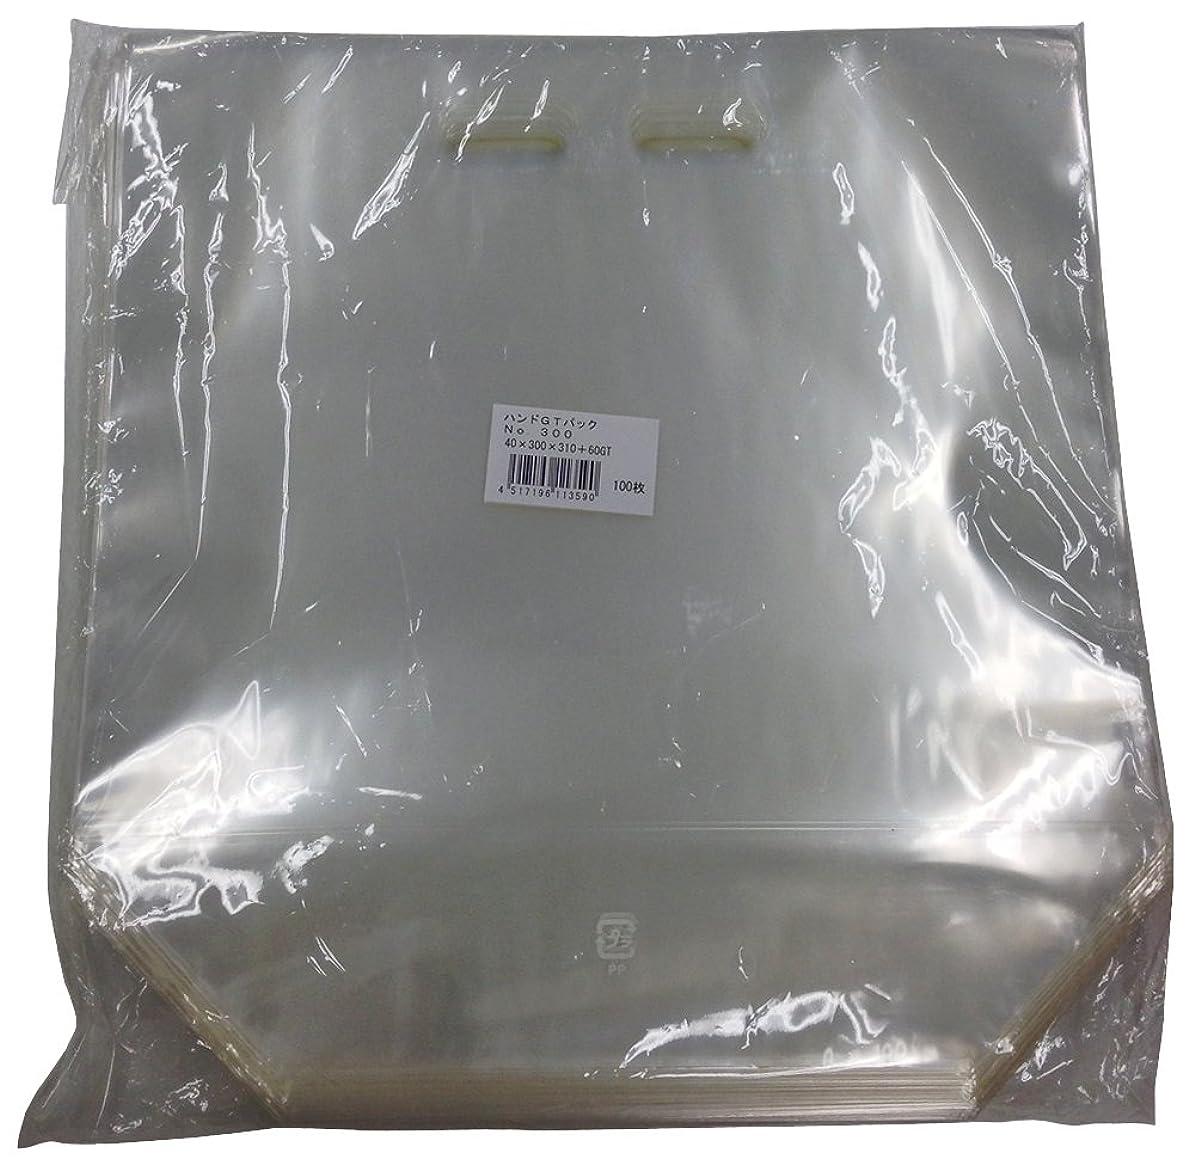 安価なマーチャンダイジング夏ハンドGTパック袋 規格 プラマーク入 No.300 [100枚入][300×310+60GT][小袋] [牧包装製]